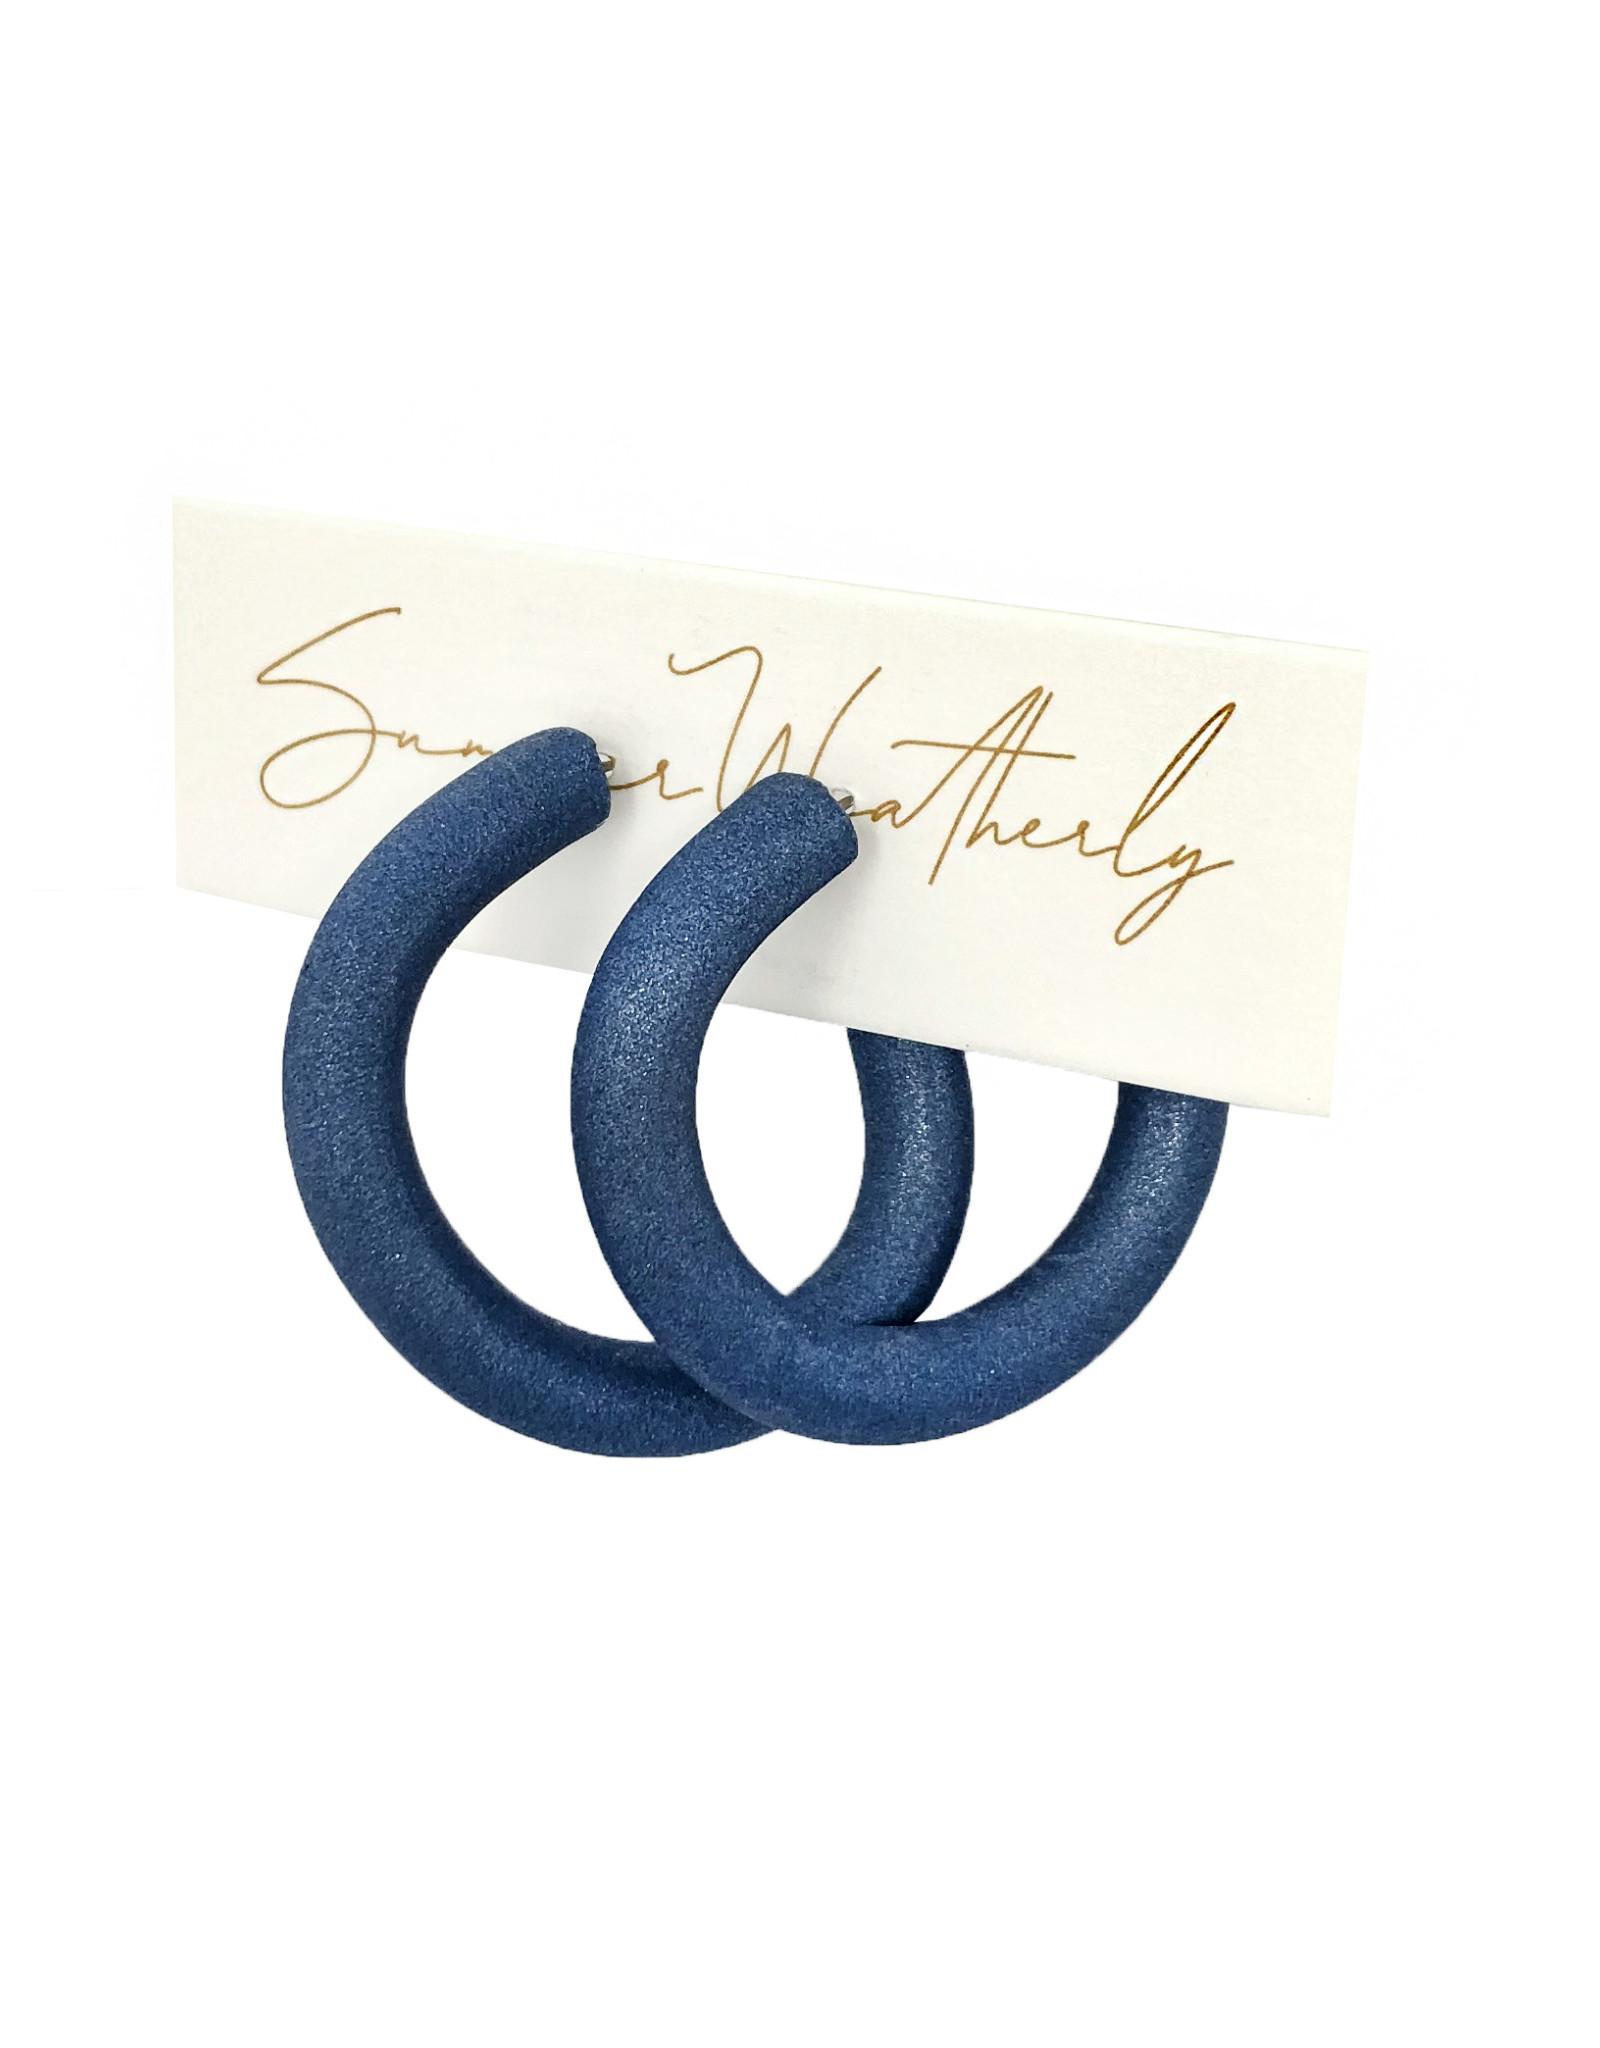 The Hoop Earrings